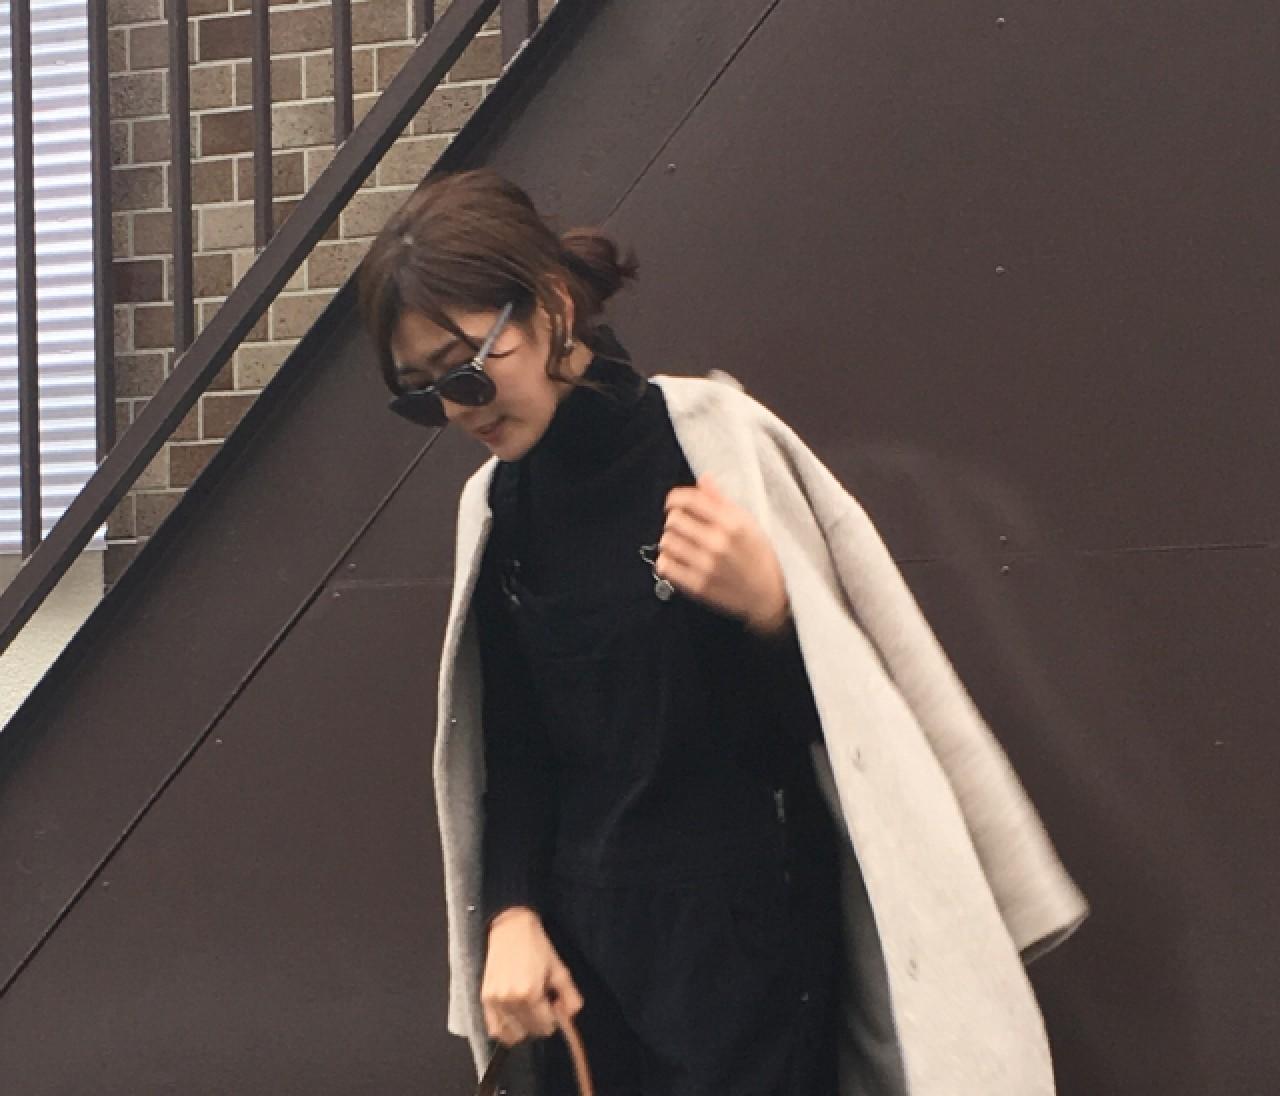 【スーパーバイラーズの #OOTD】2/25(木)・成松朋実さん